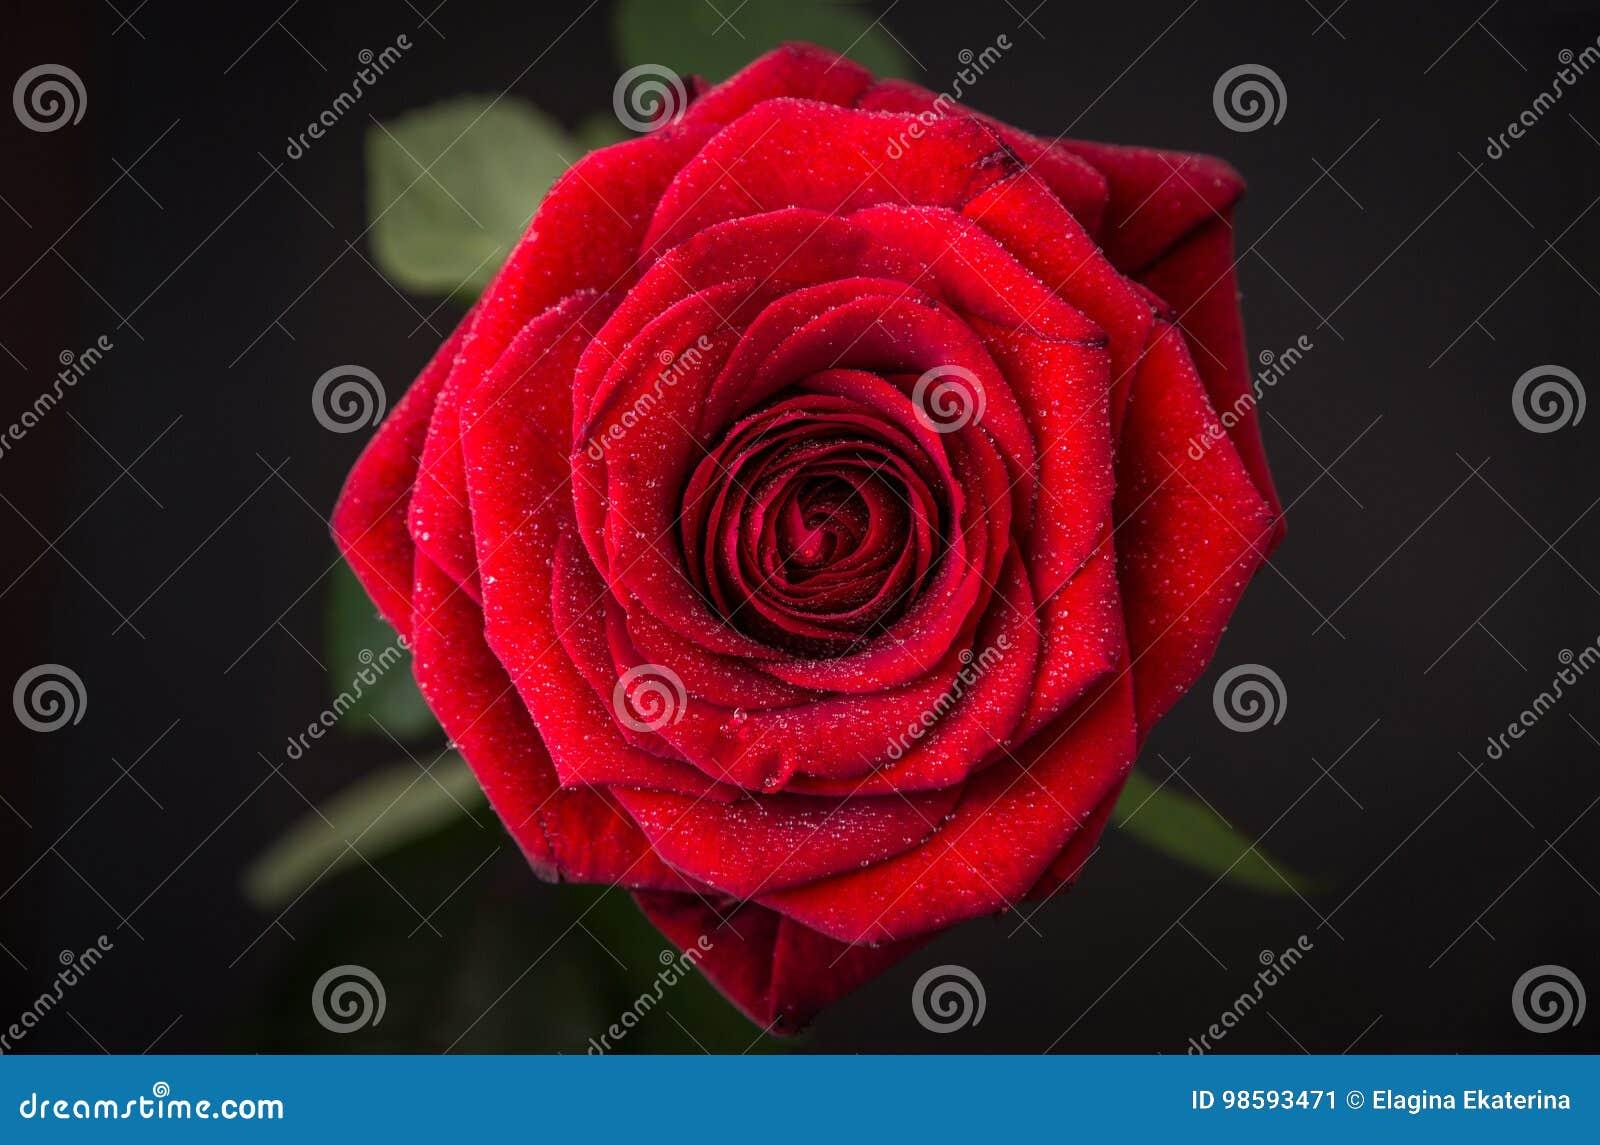 Germoglio Di Una Rosa Rossa Con Le Gocce Di Acqua Su Un Fondo Scuro